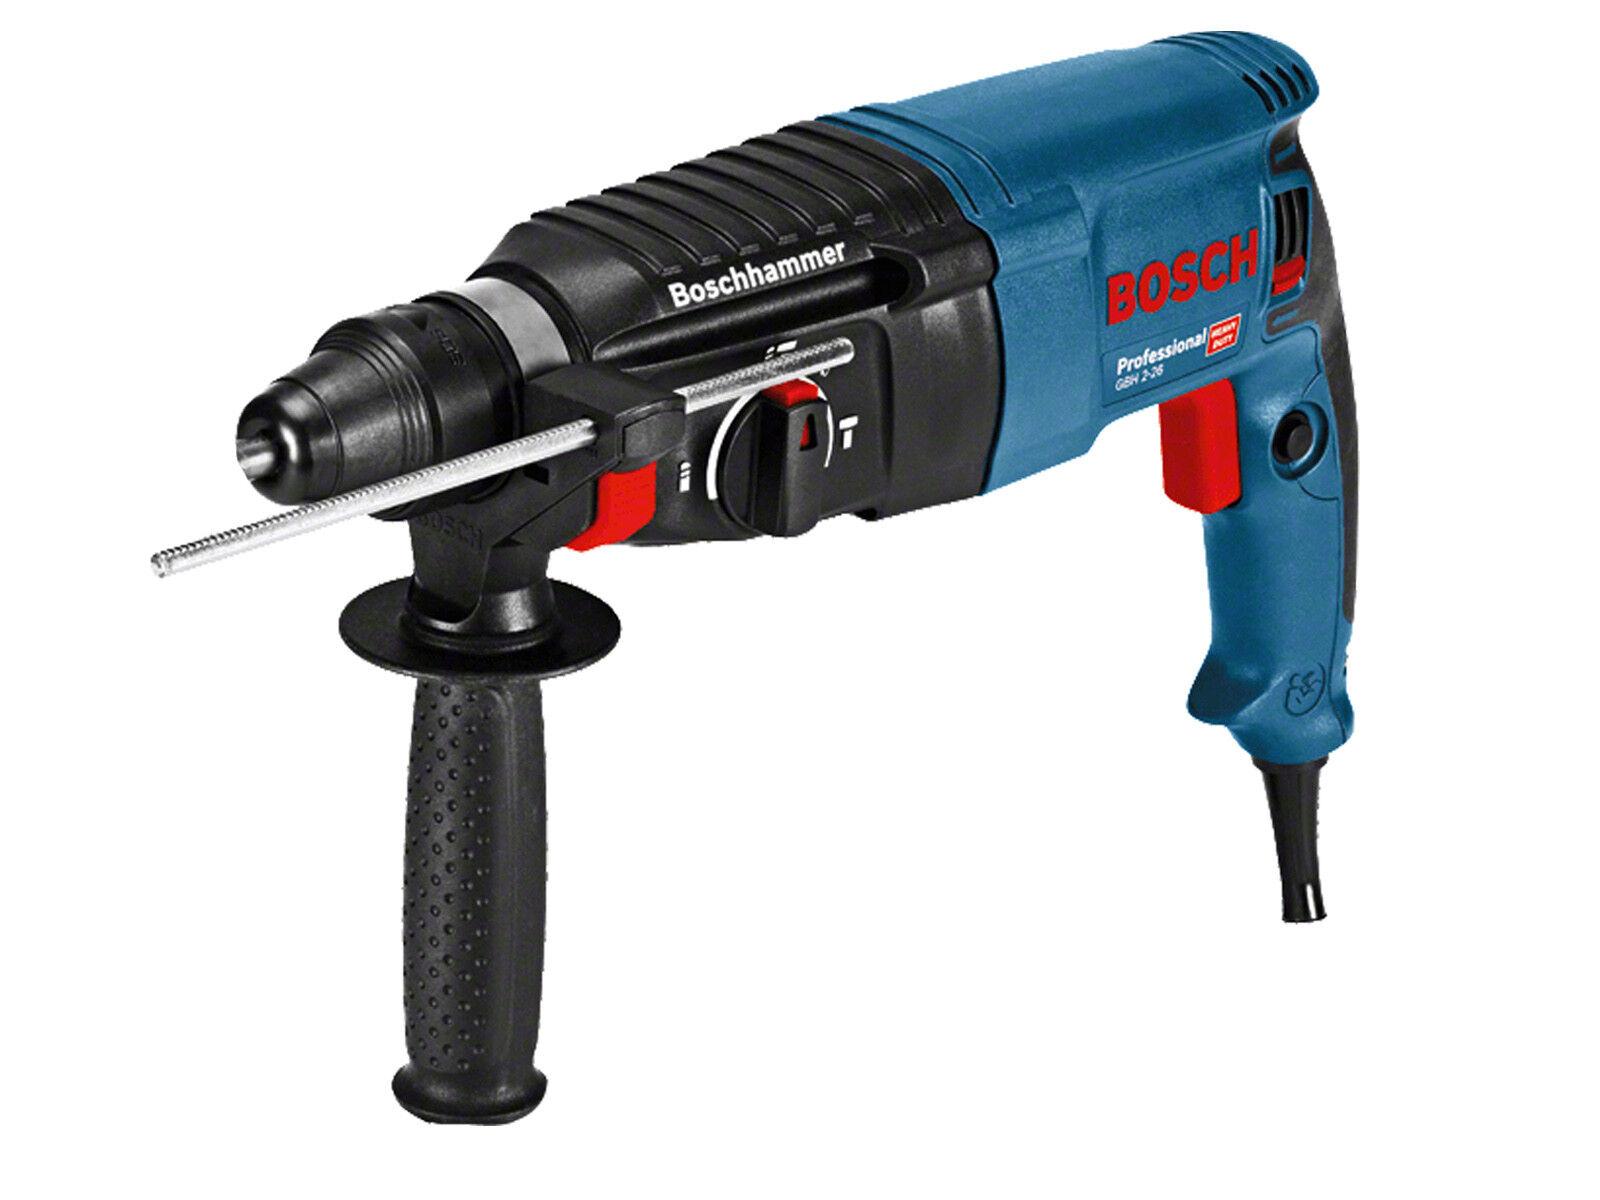 Bosch Professional Bohrhammer mit SDS+ GBH 2-26 SOLONetzbetrieben Meißelfunktion